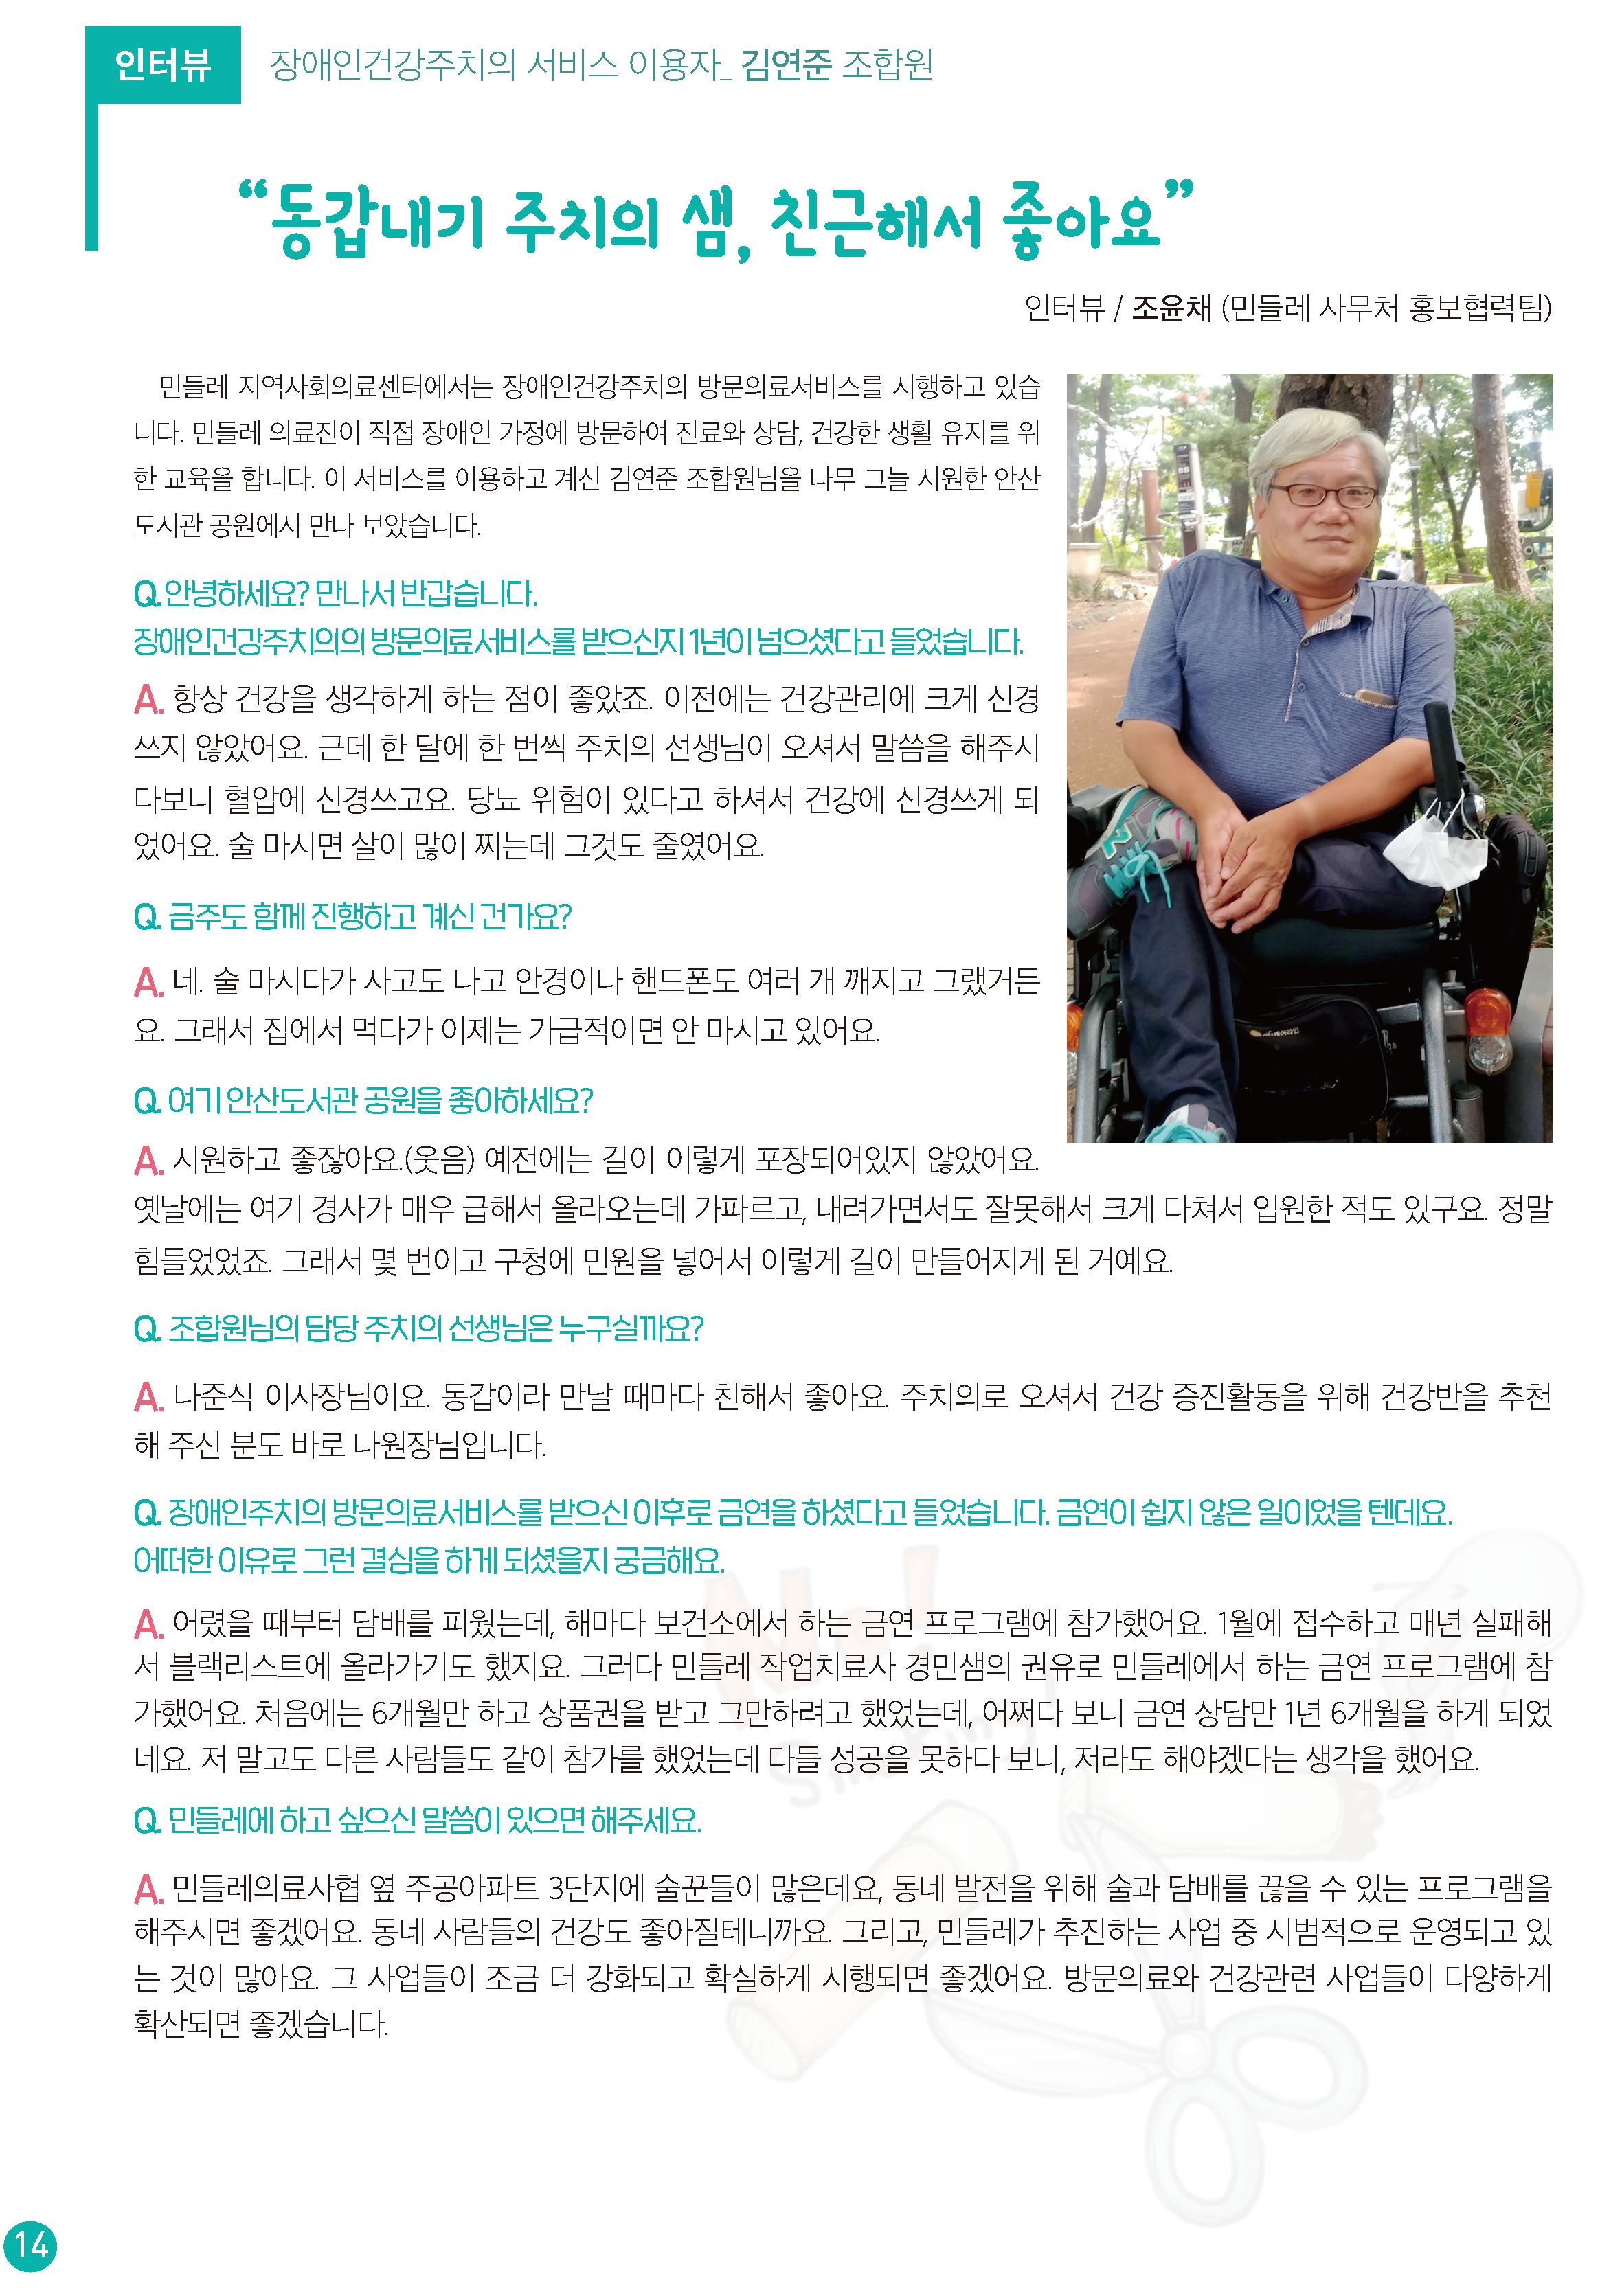 민들레 소식지8월호 시안(최종)-14.png